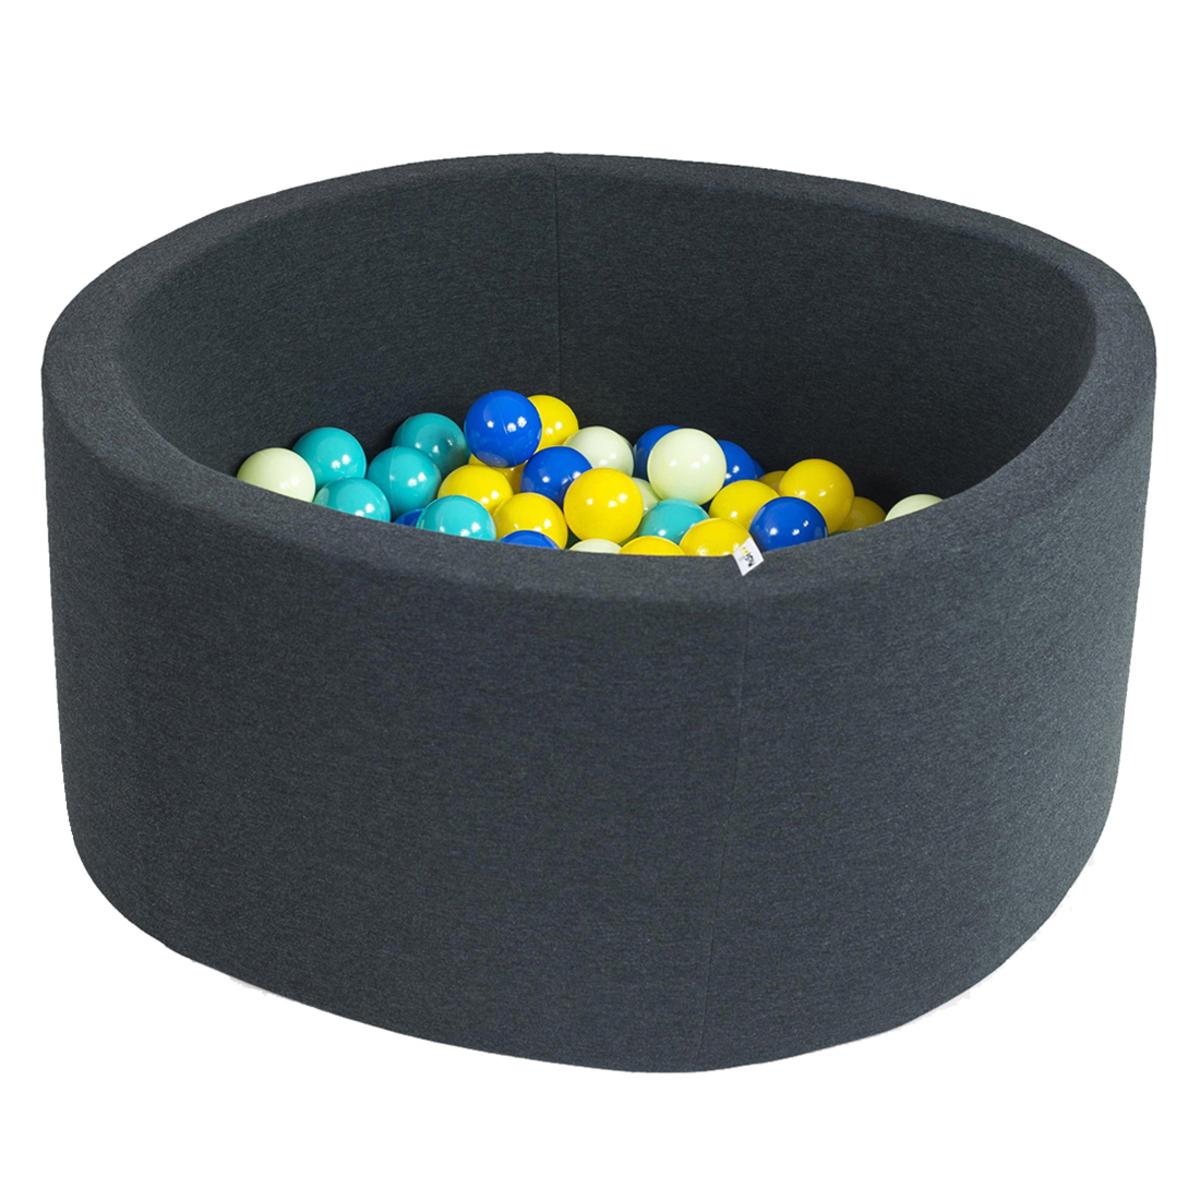 Mes premiers jouets Piscine à Balles Ronde Graphite 90 x 40 cm + 200 Balles